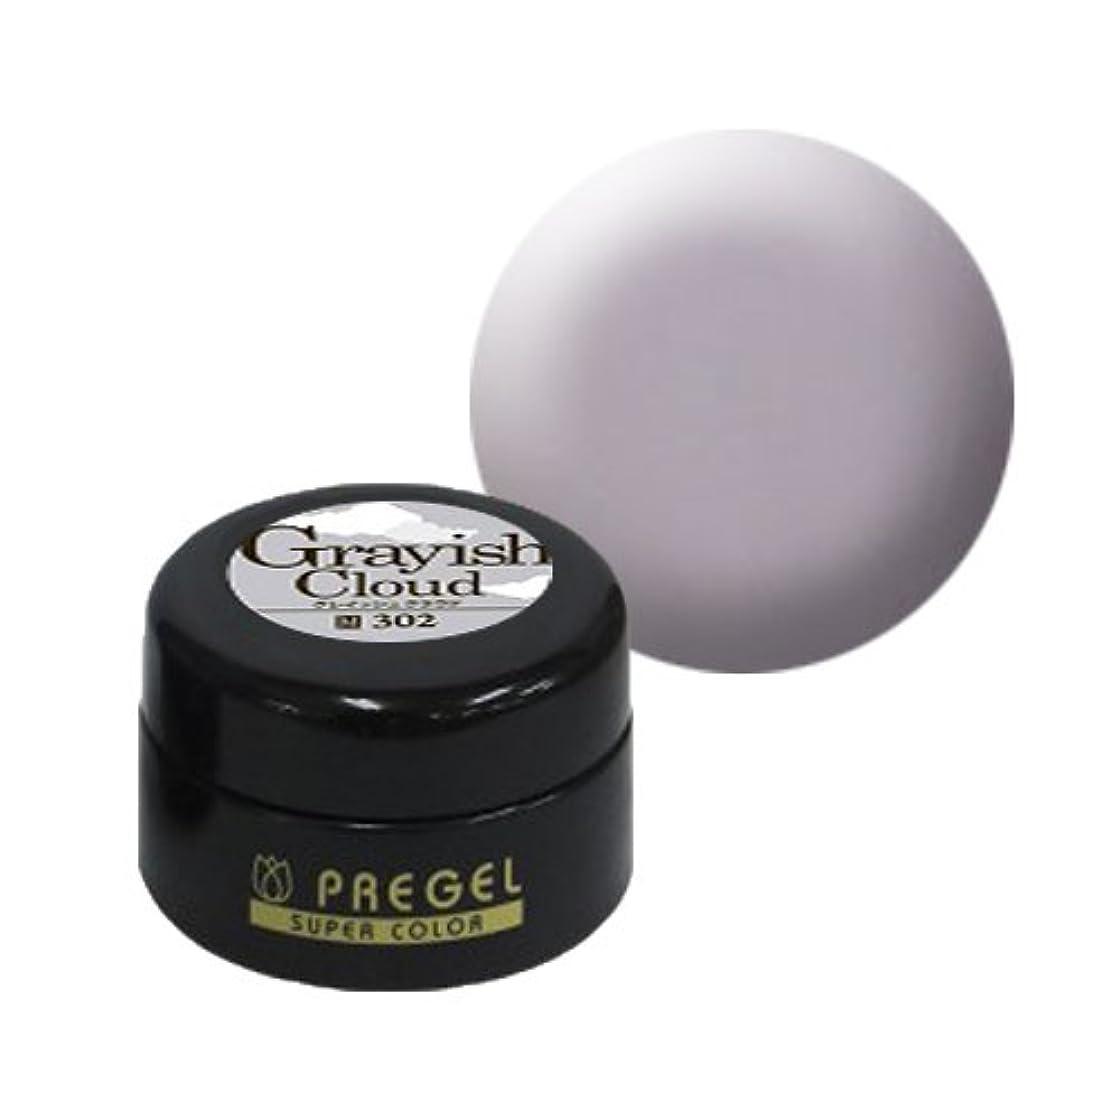 溶けた接地馬鹿【PREGEL】カラーEx グレイッシュクラウド / PG-CE302 【UV&LED】プリジェル カラージェル ジェルネイル用品